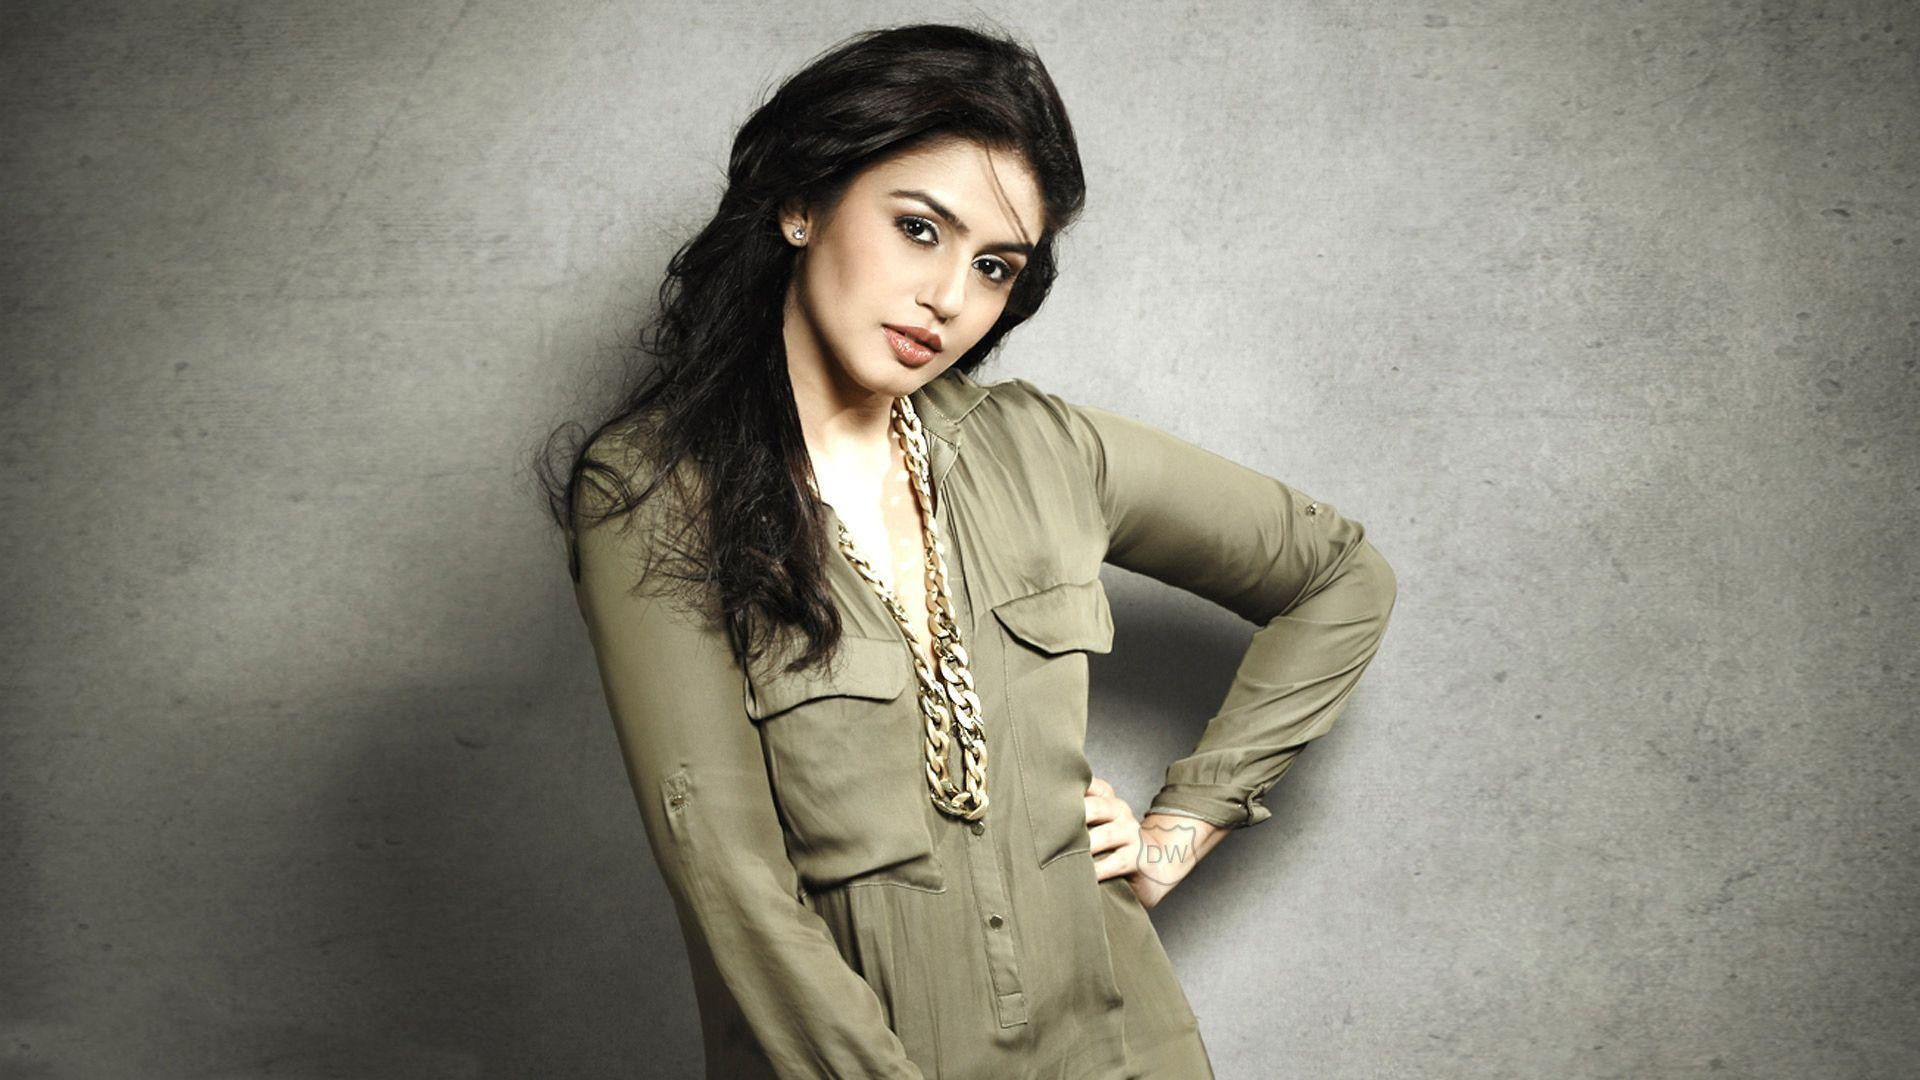 bollywood actress huma qureshi hd wallpaper